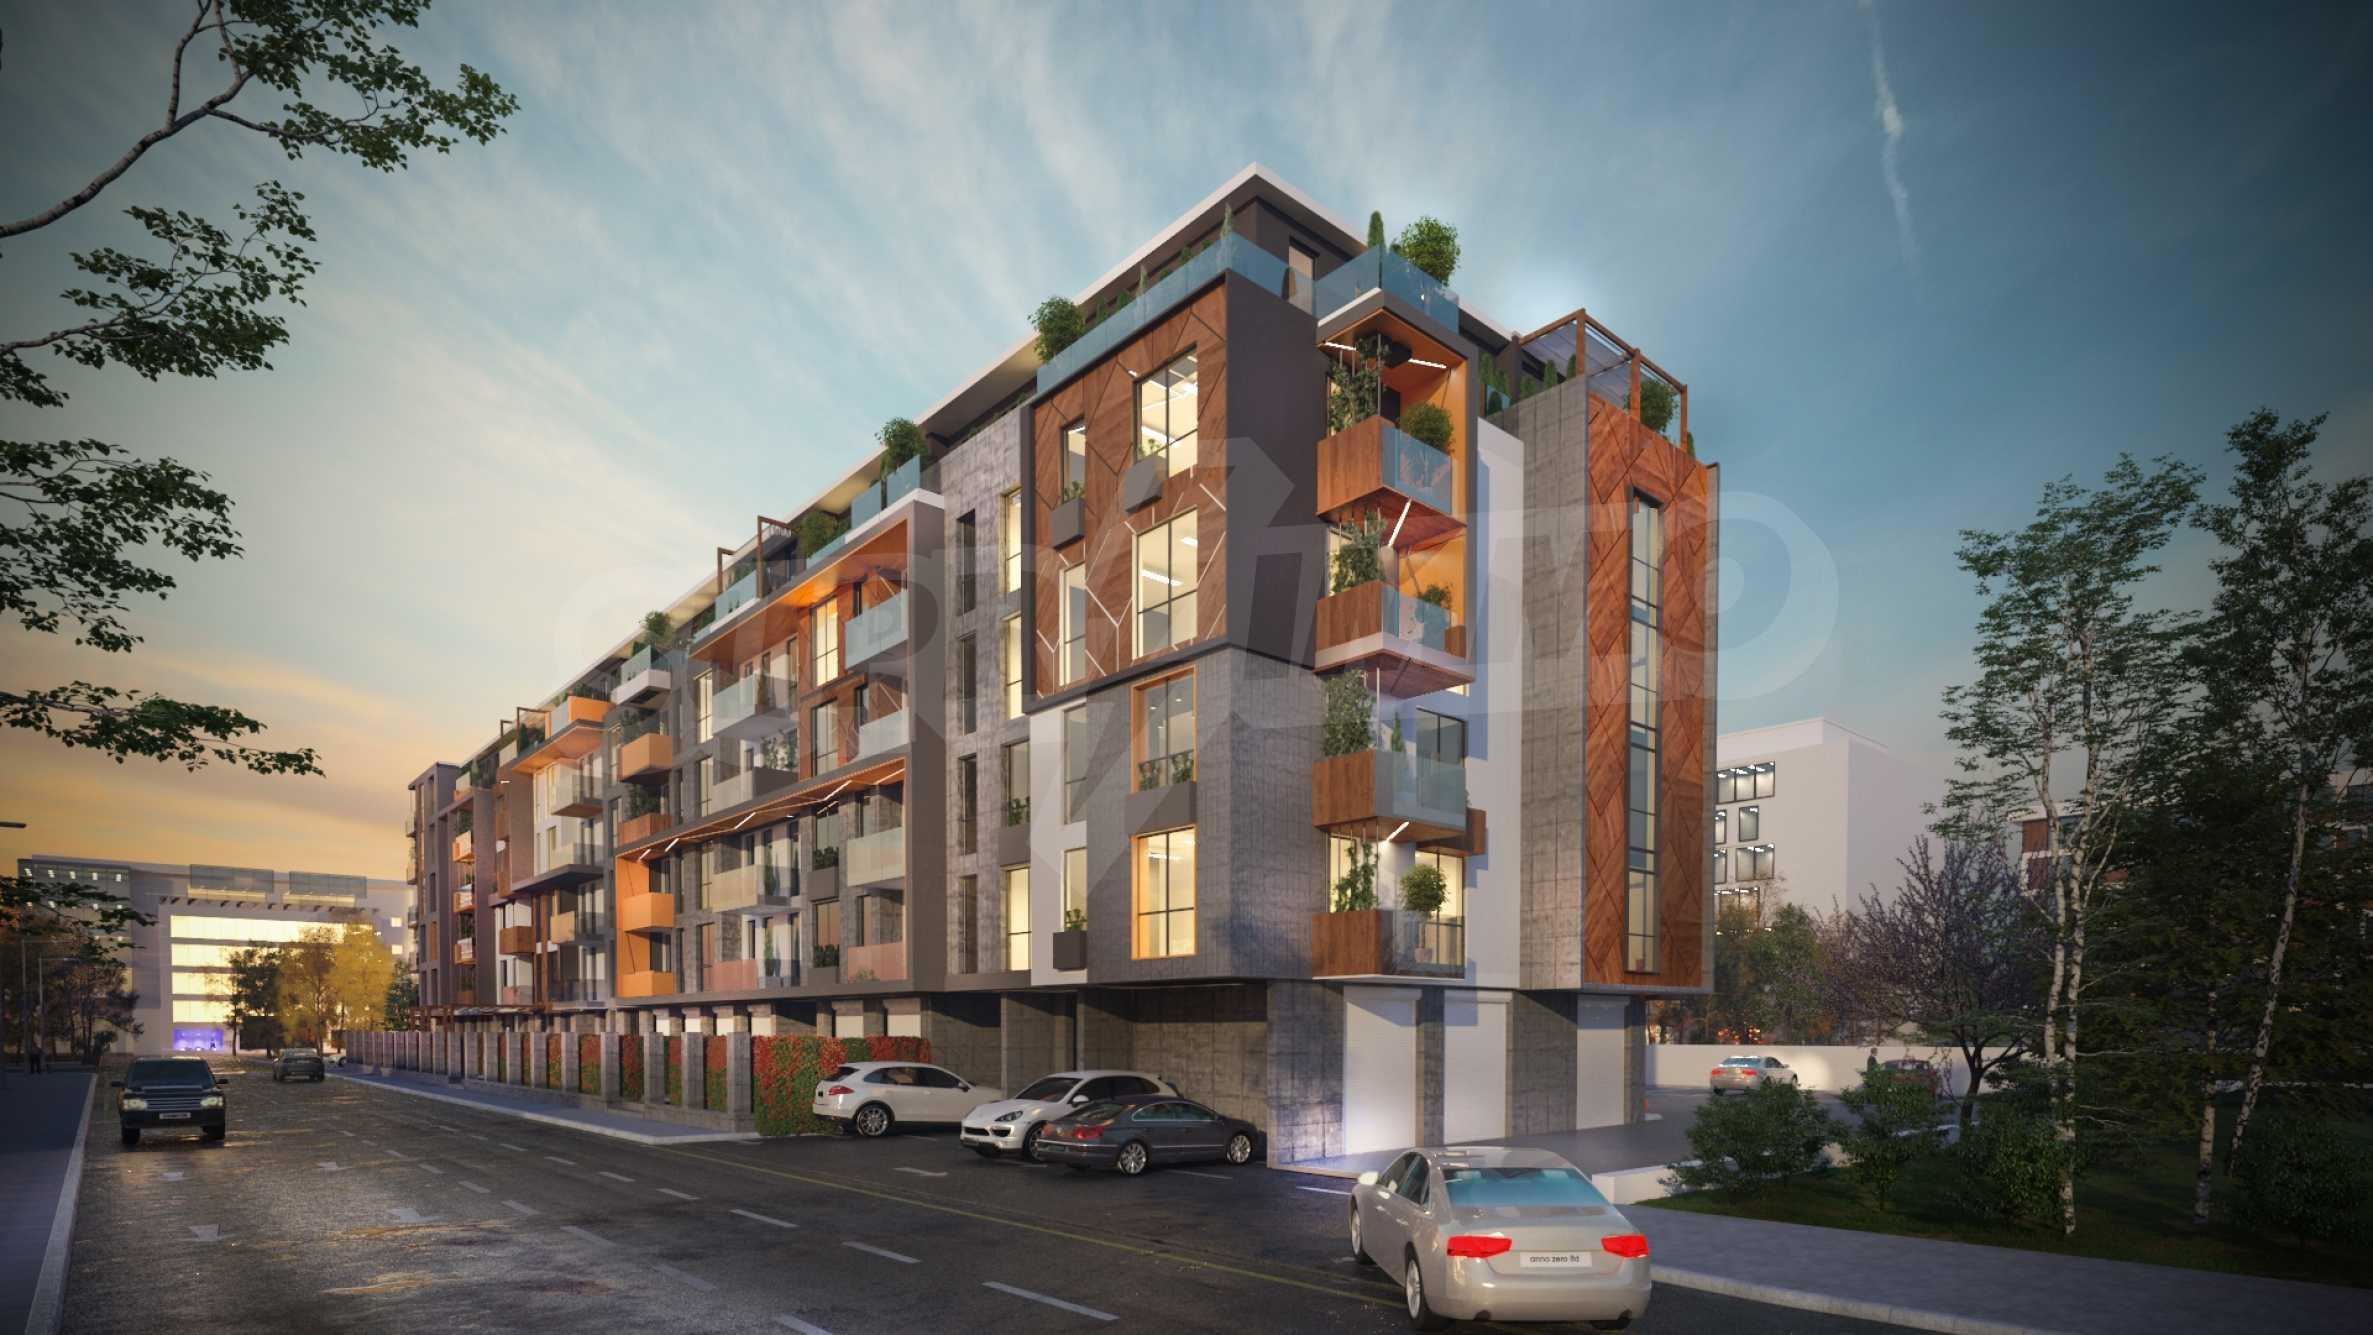 Ексклузивен комплекс на отлична локация в близост до бъдеща метростанция  18